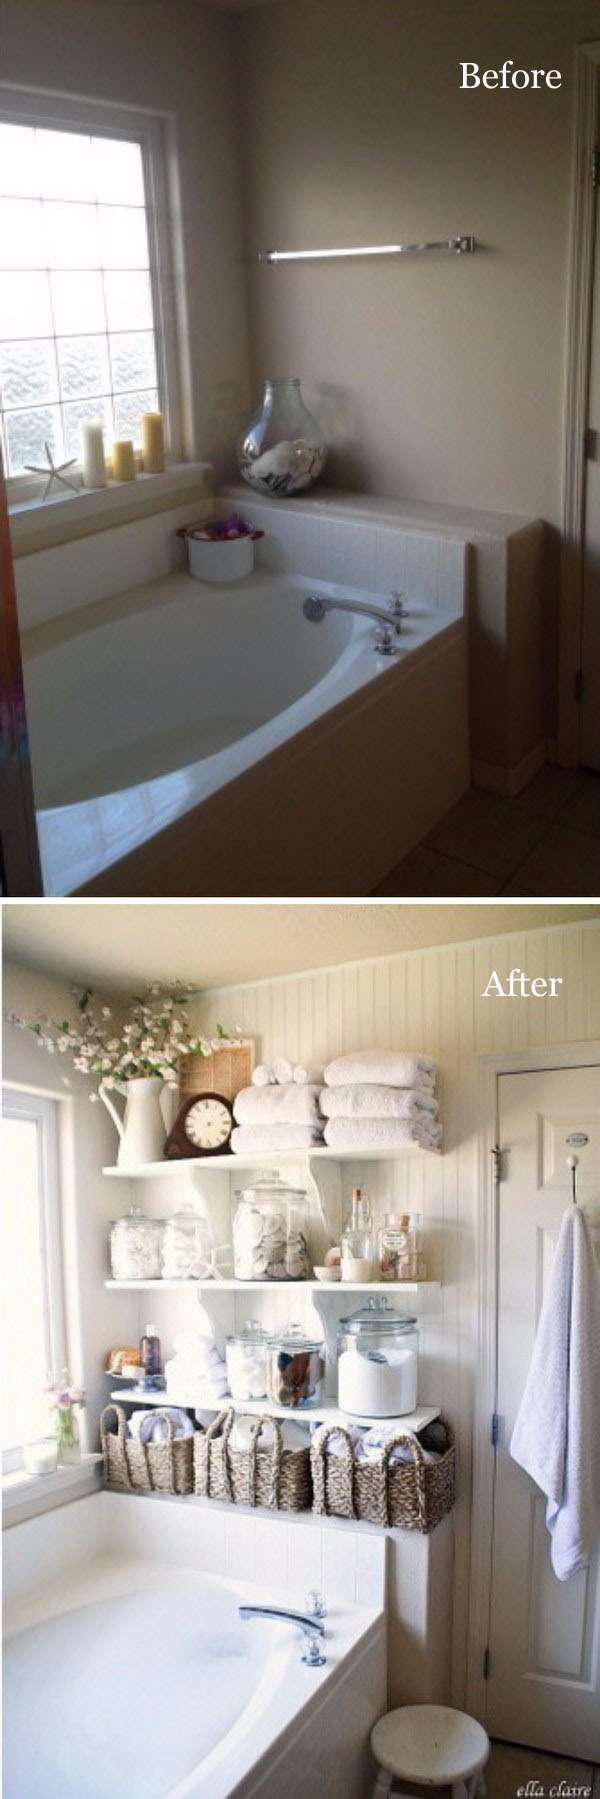 16 идей преображения старой ванной комнаты